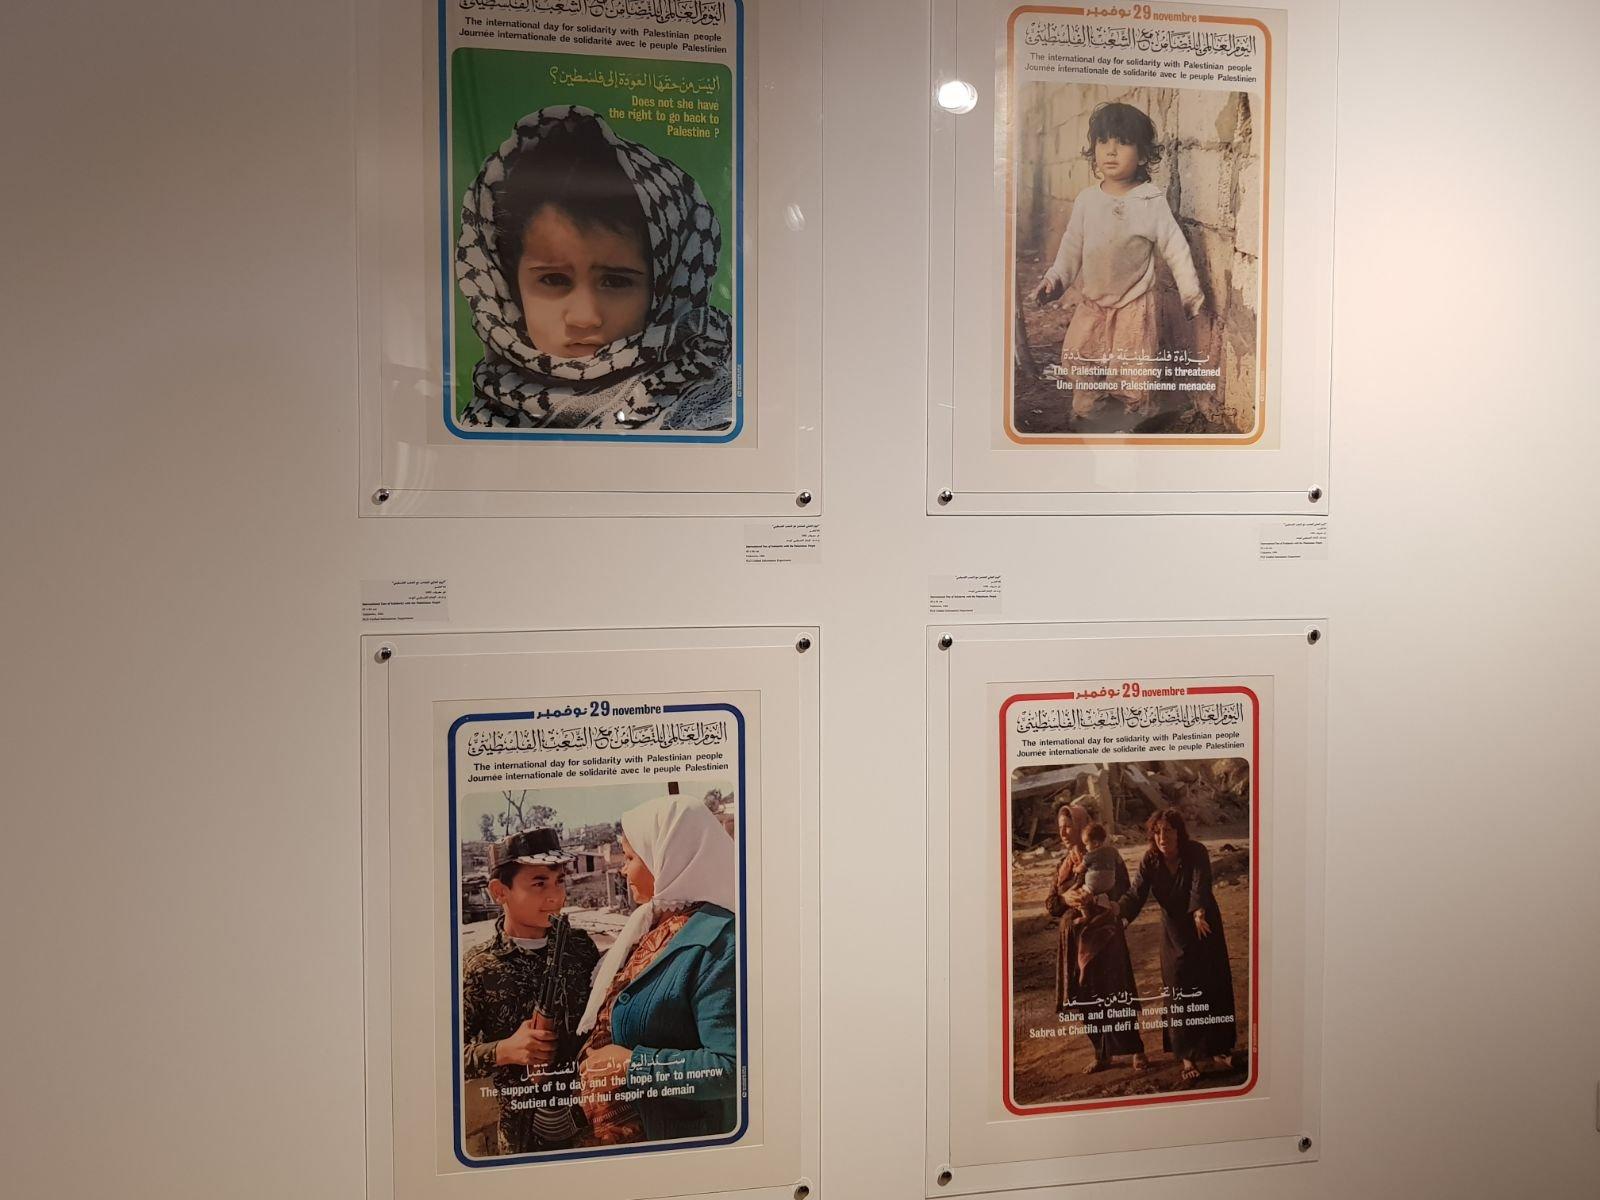 معرض يصور الأفكار والمفاهيم المتعلقة بالثورة الفلسطينية في عقدي السبعينات والثمانيات-0